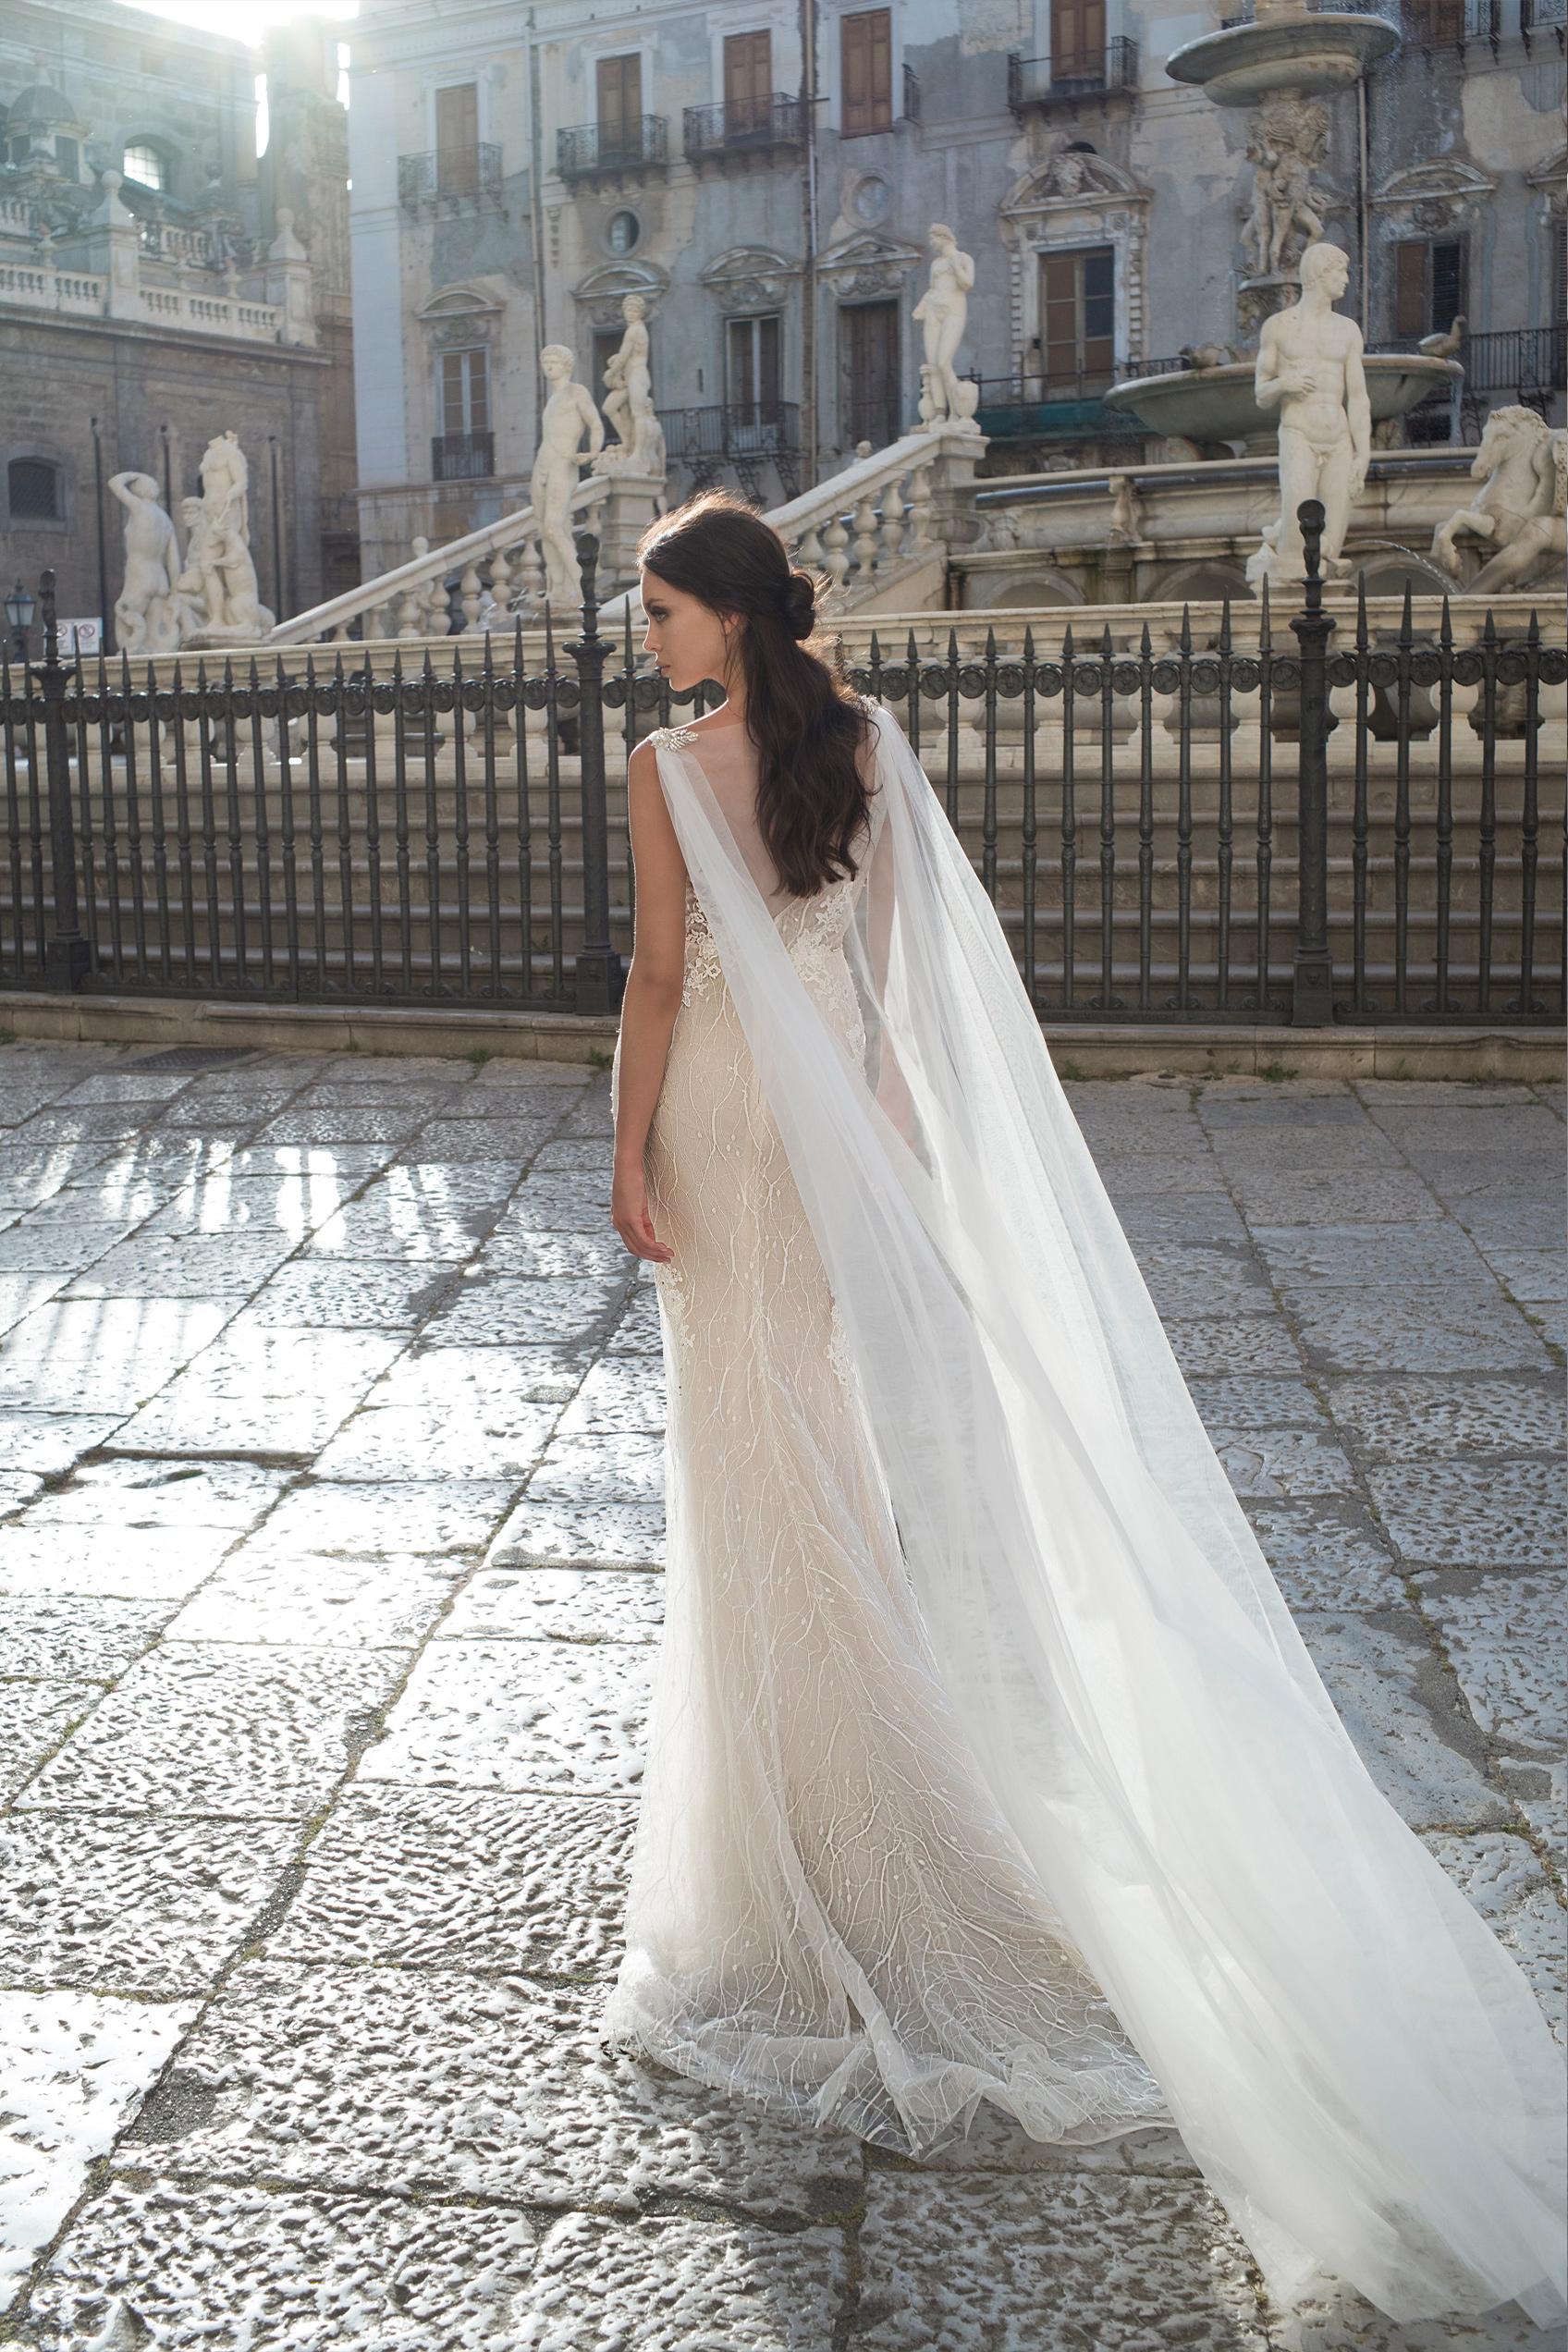 La Belle Mariée Bridal Couture - Wedding Dresses Somerset West